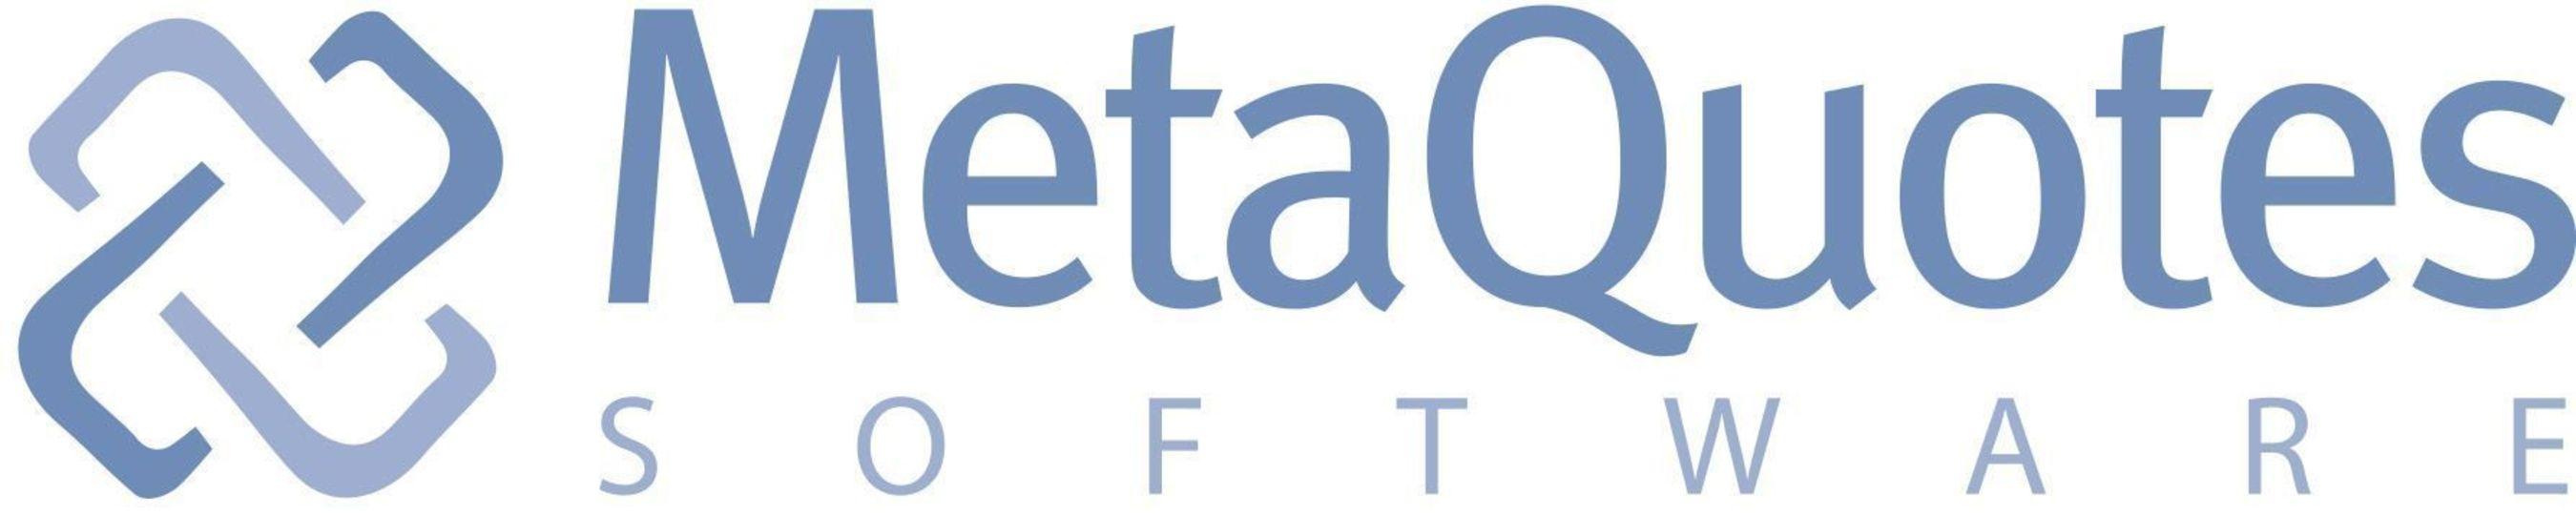 Corretora brasileira Rico Corretora lança MetaTrader 5 na Bolsa de Valores BM&FBovespa